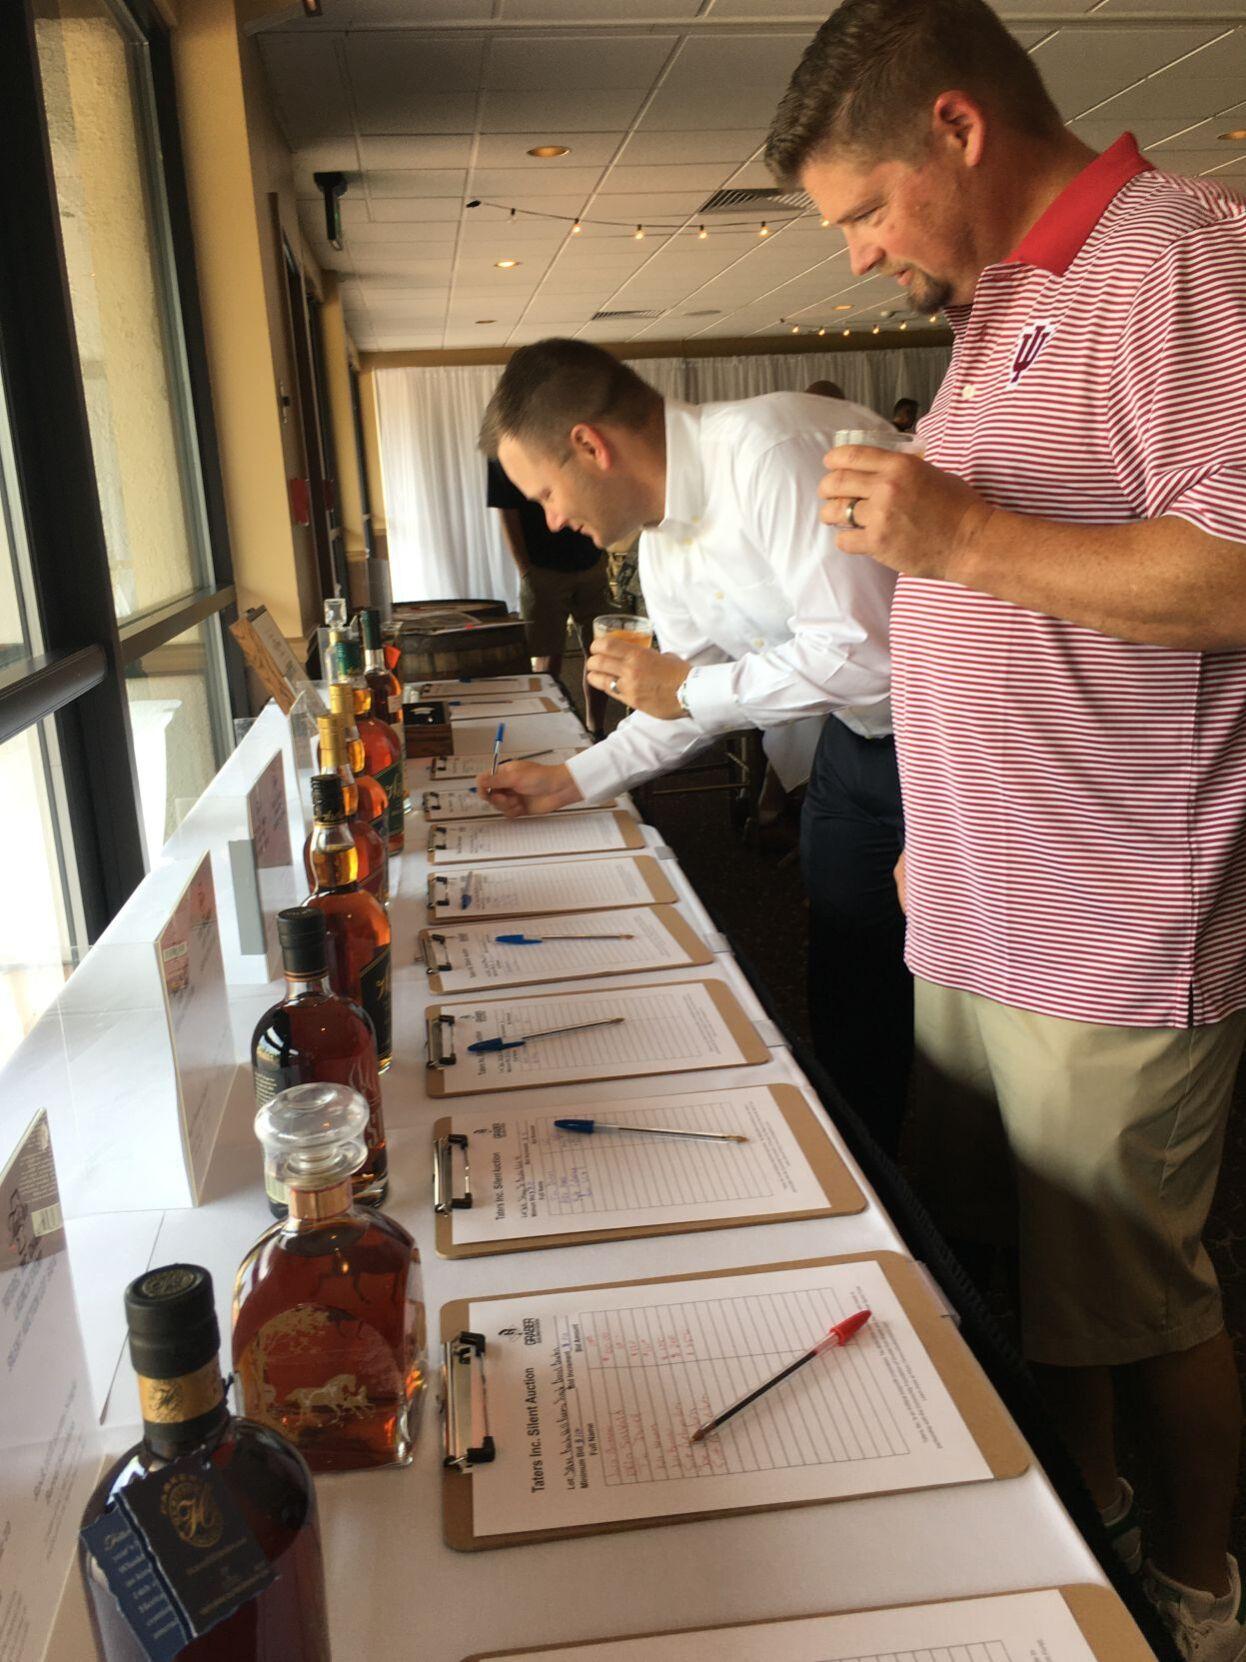 Taters bourbon tasters